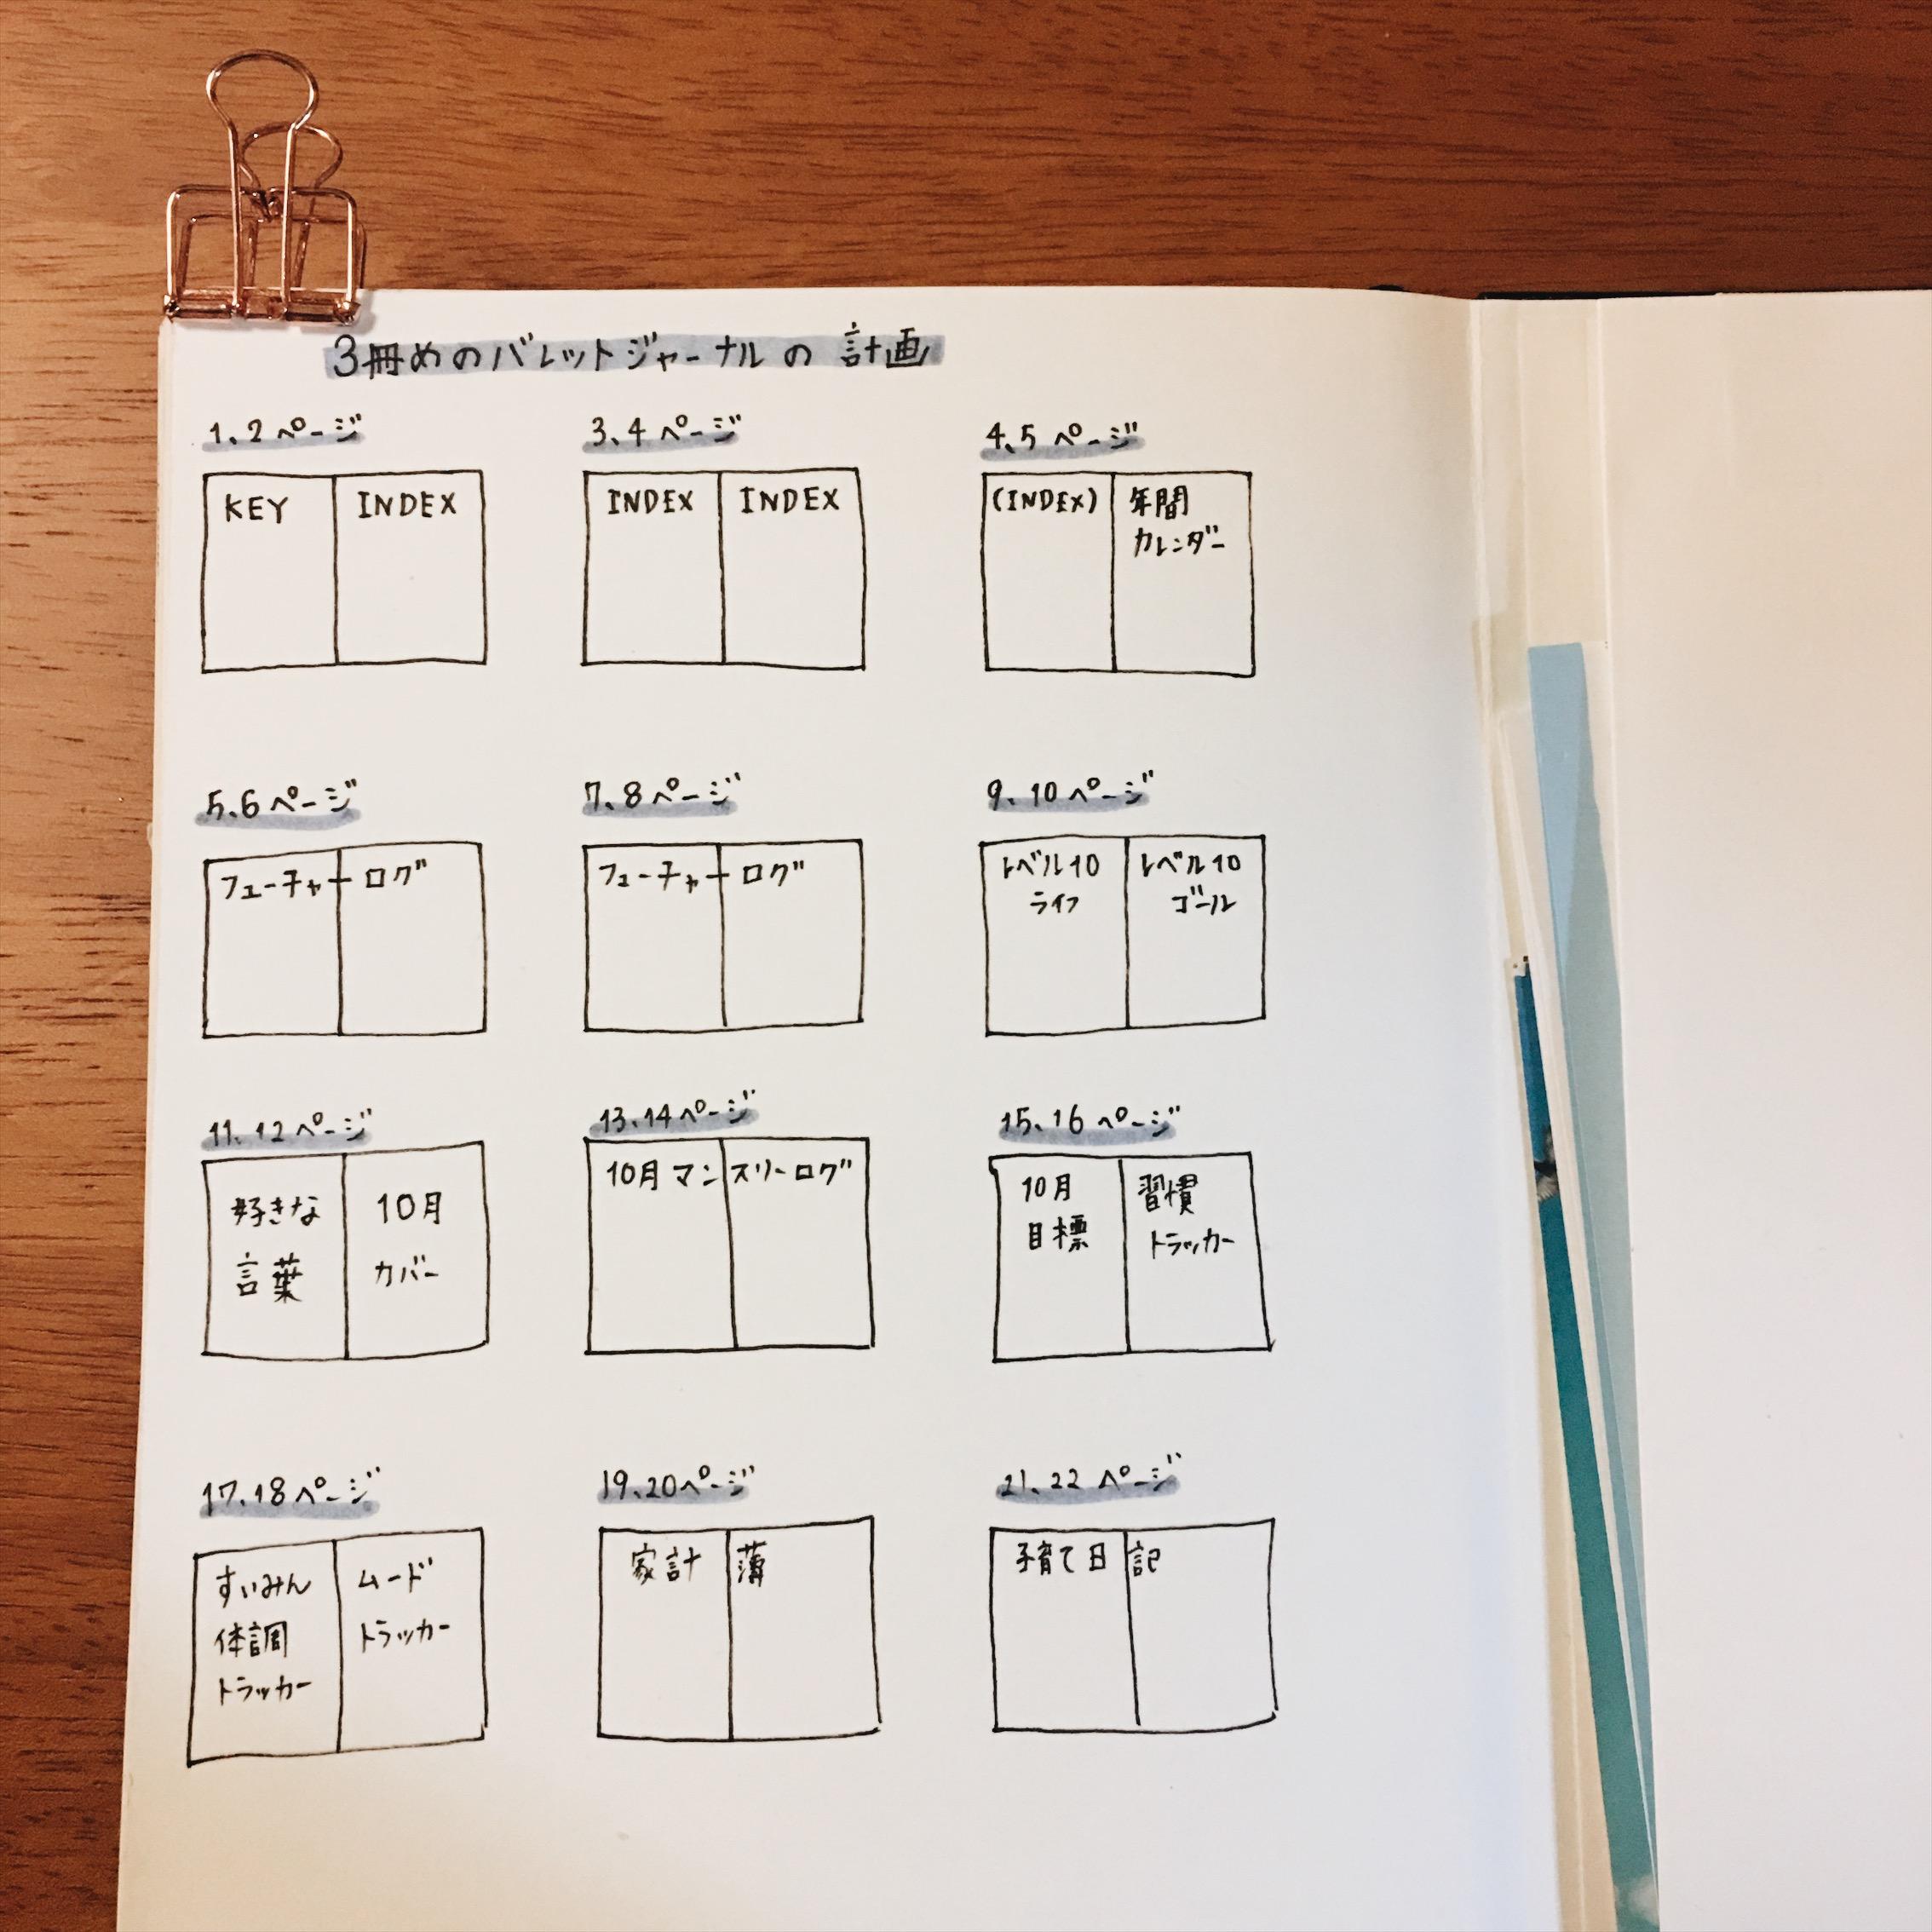 3冊目のバレットジャーナルの計画を立てました。新しいノートへ移行する準備。